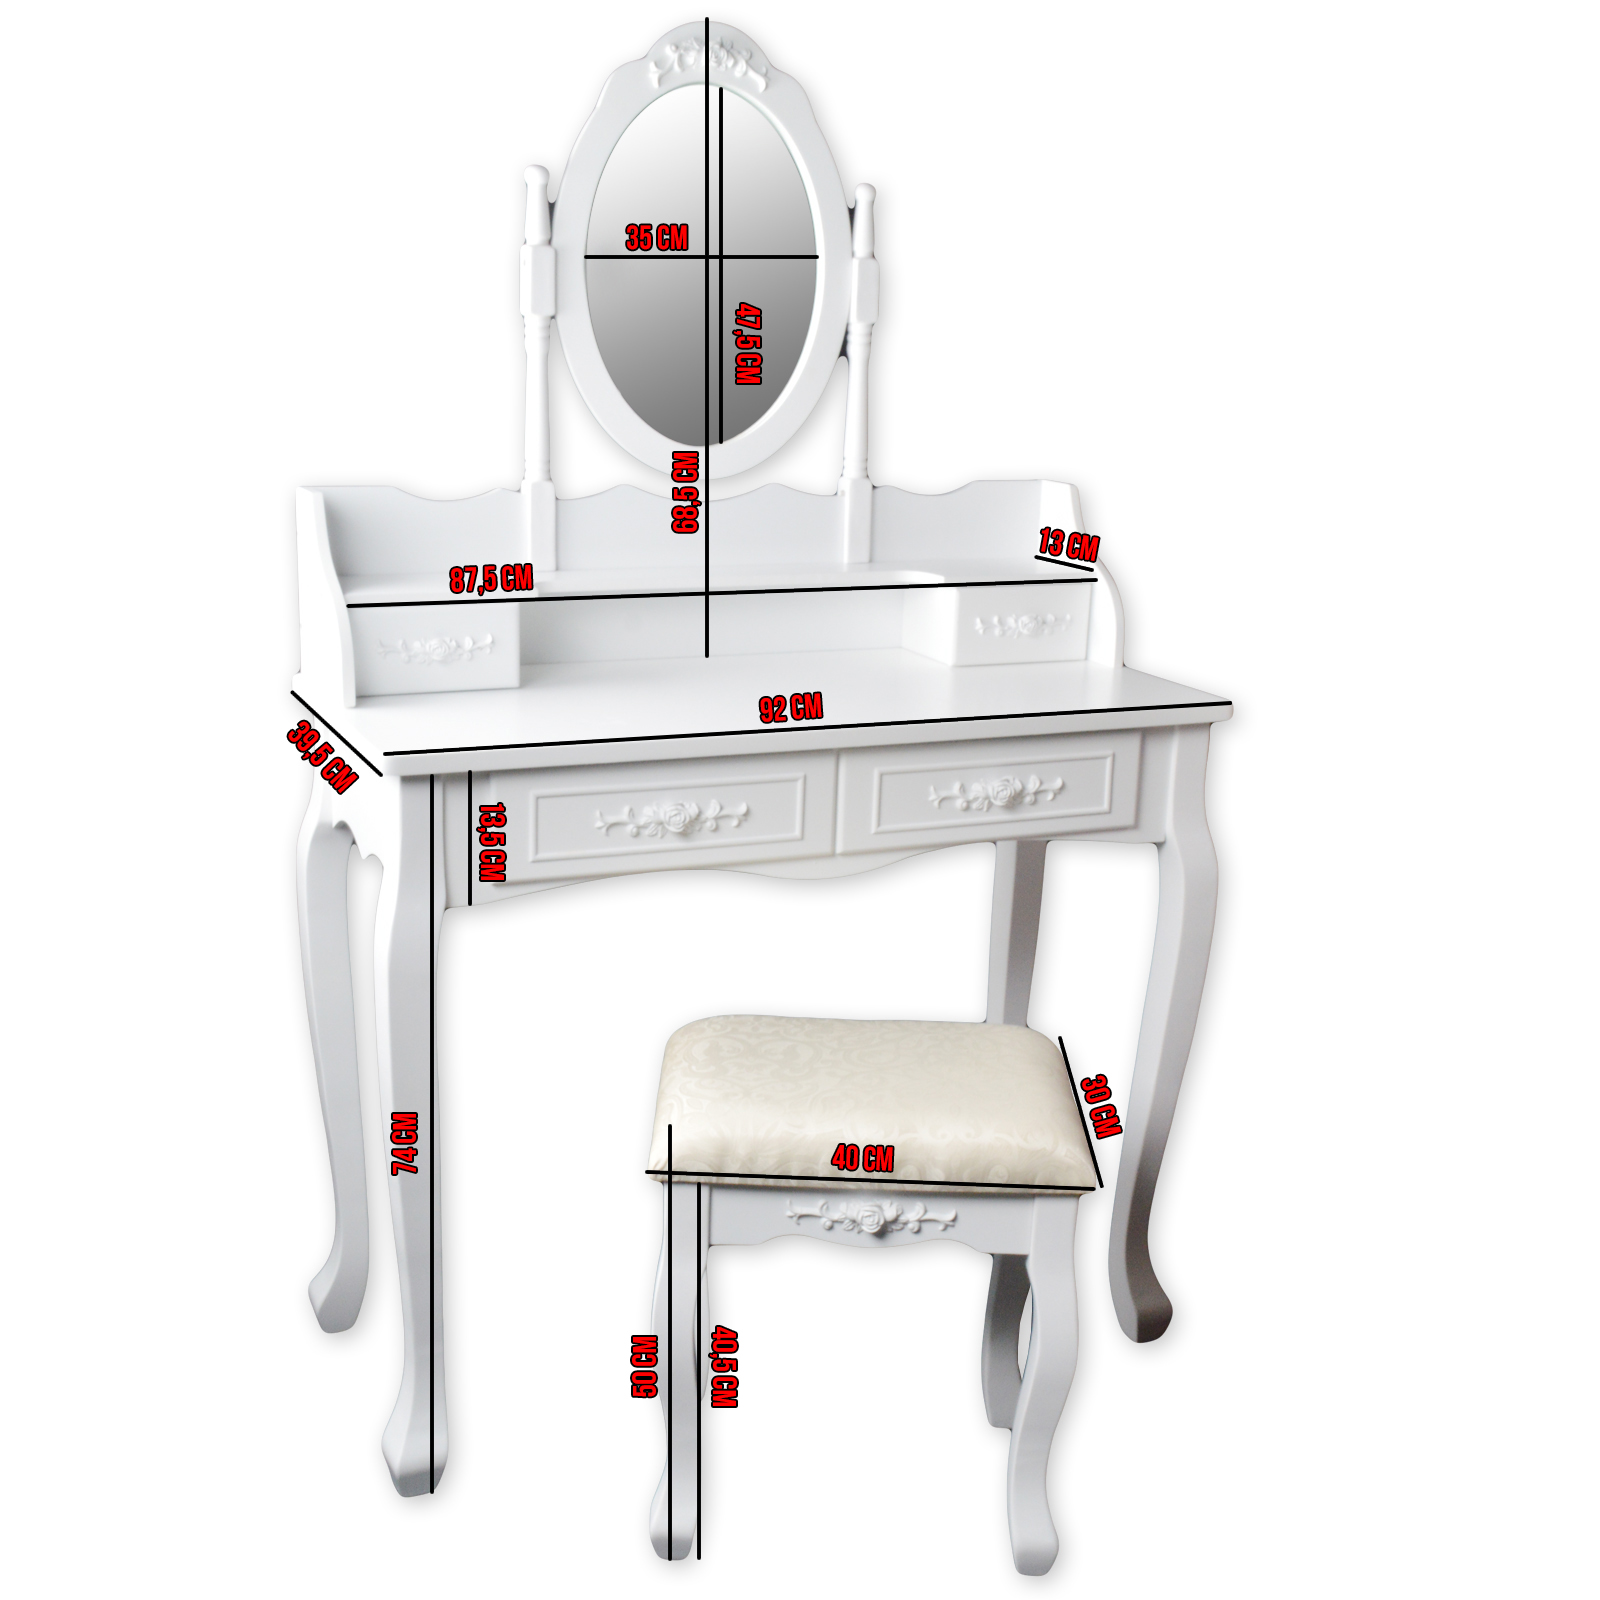 schminktisch frisiertisch kosmetiktisch mit spiegel hocker vintage shabby chic ebay. Black Bedroom Furniture Sets. Home Design Ideas